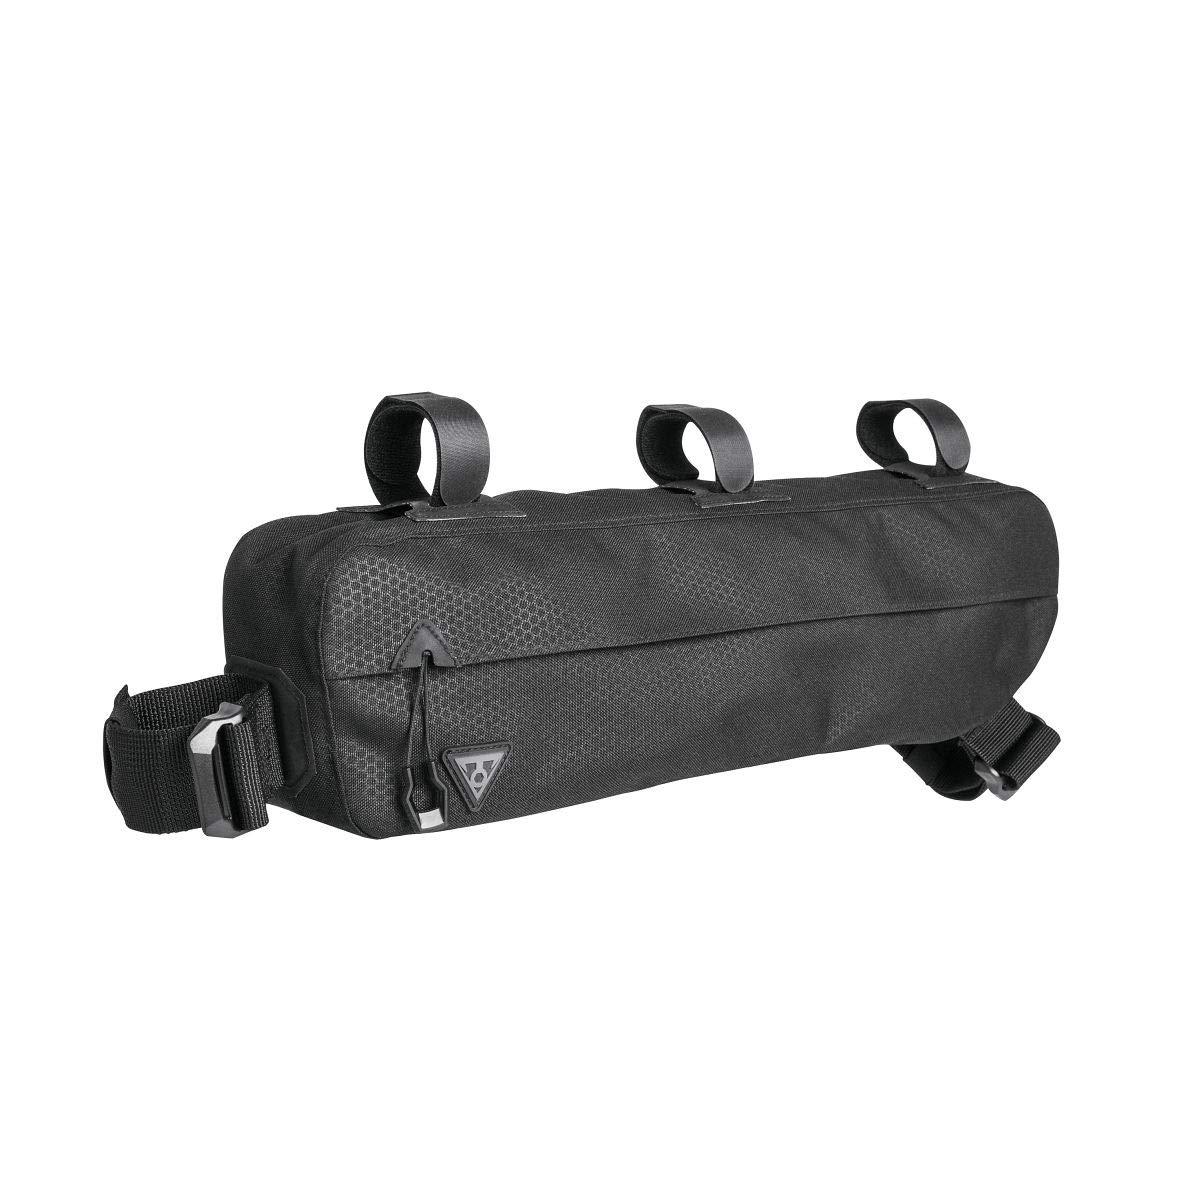 5L Bolsa Deportes y Aire Libre Topeak Cuadro Midloader 4 4.5 l Negro